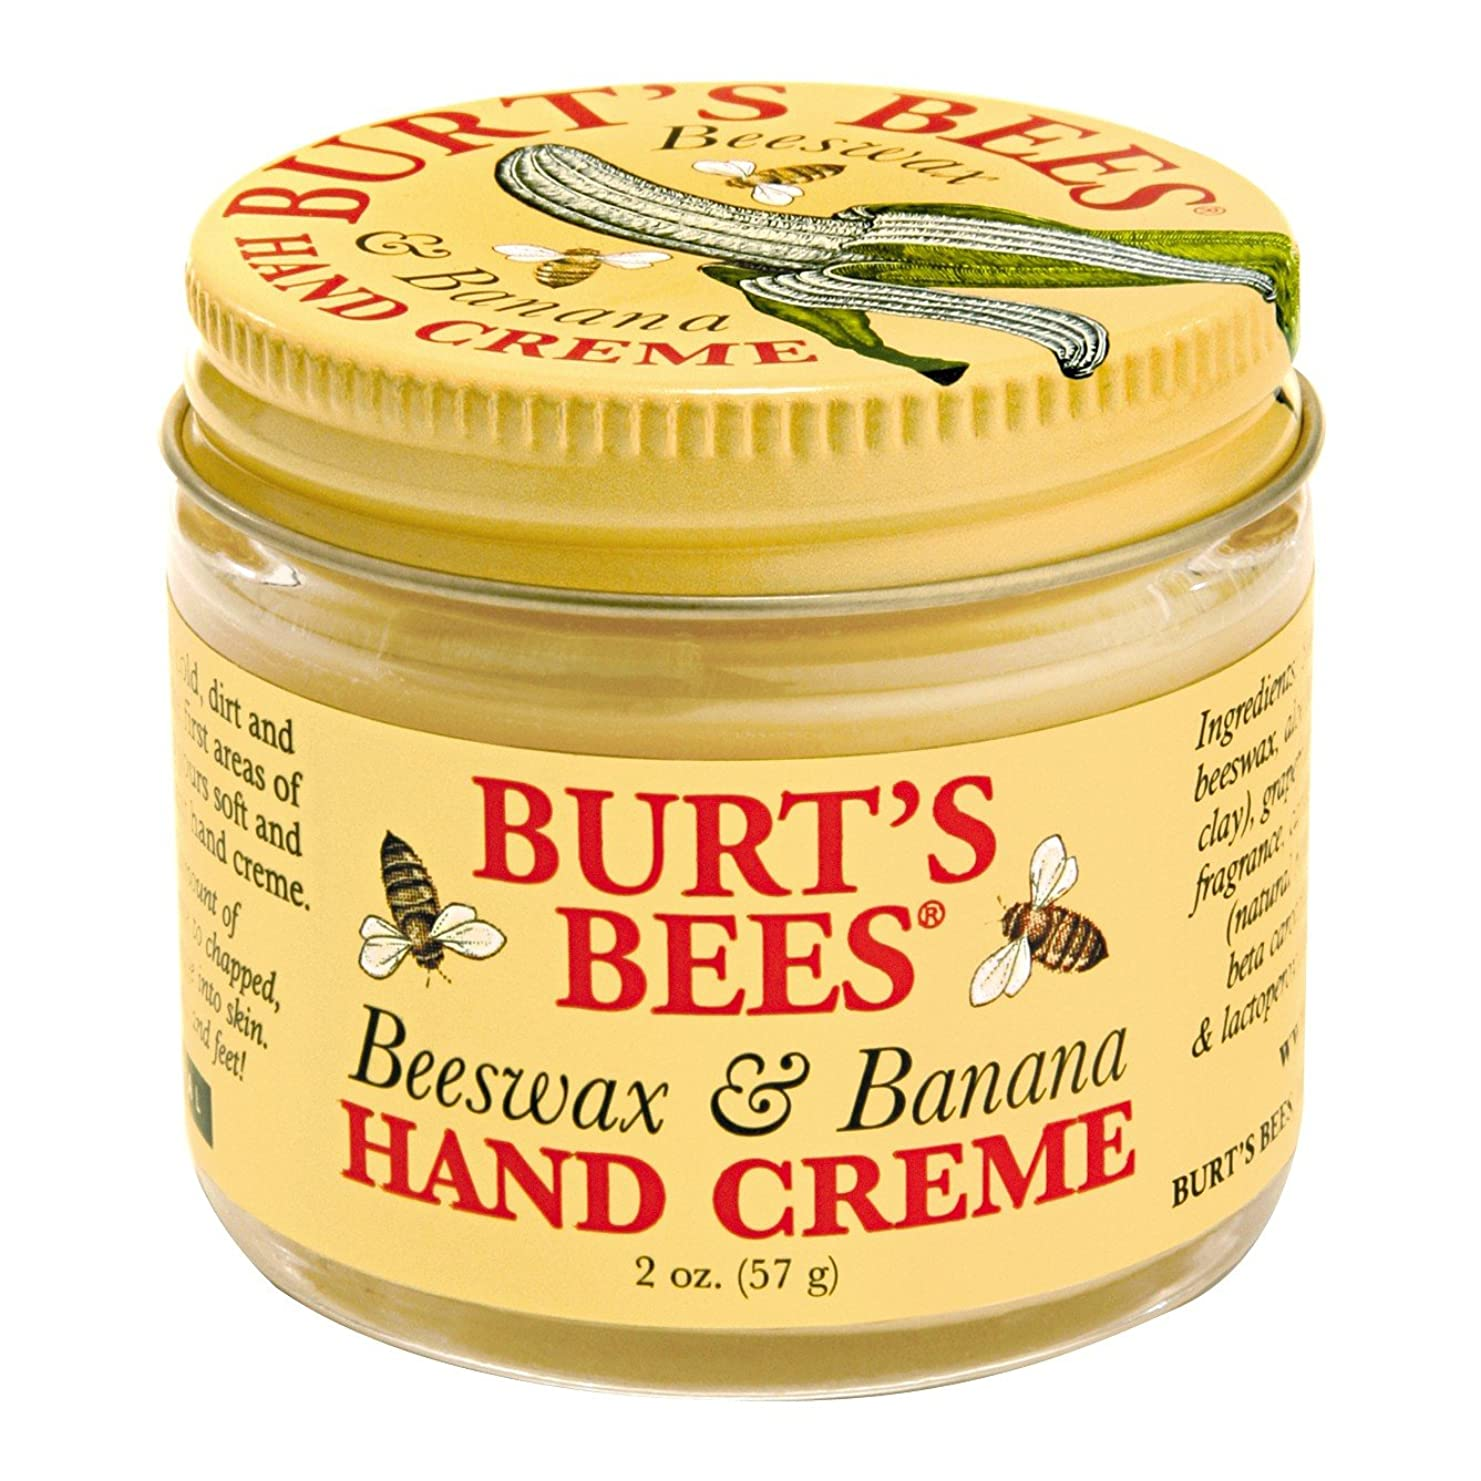 処分した率直な読書をするバーツビーの蜜蝋&バナナハンドクリーム57グラム (Burt's Bees) - Burt's Bees Beeswax & Banana Hand Creme 57g [並行輸入品]